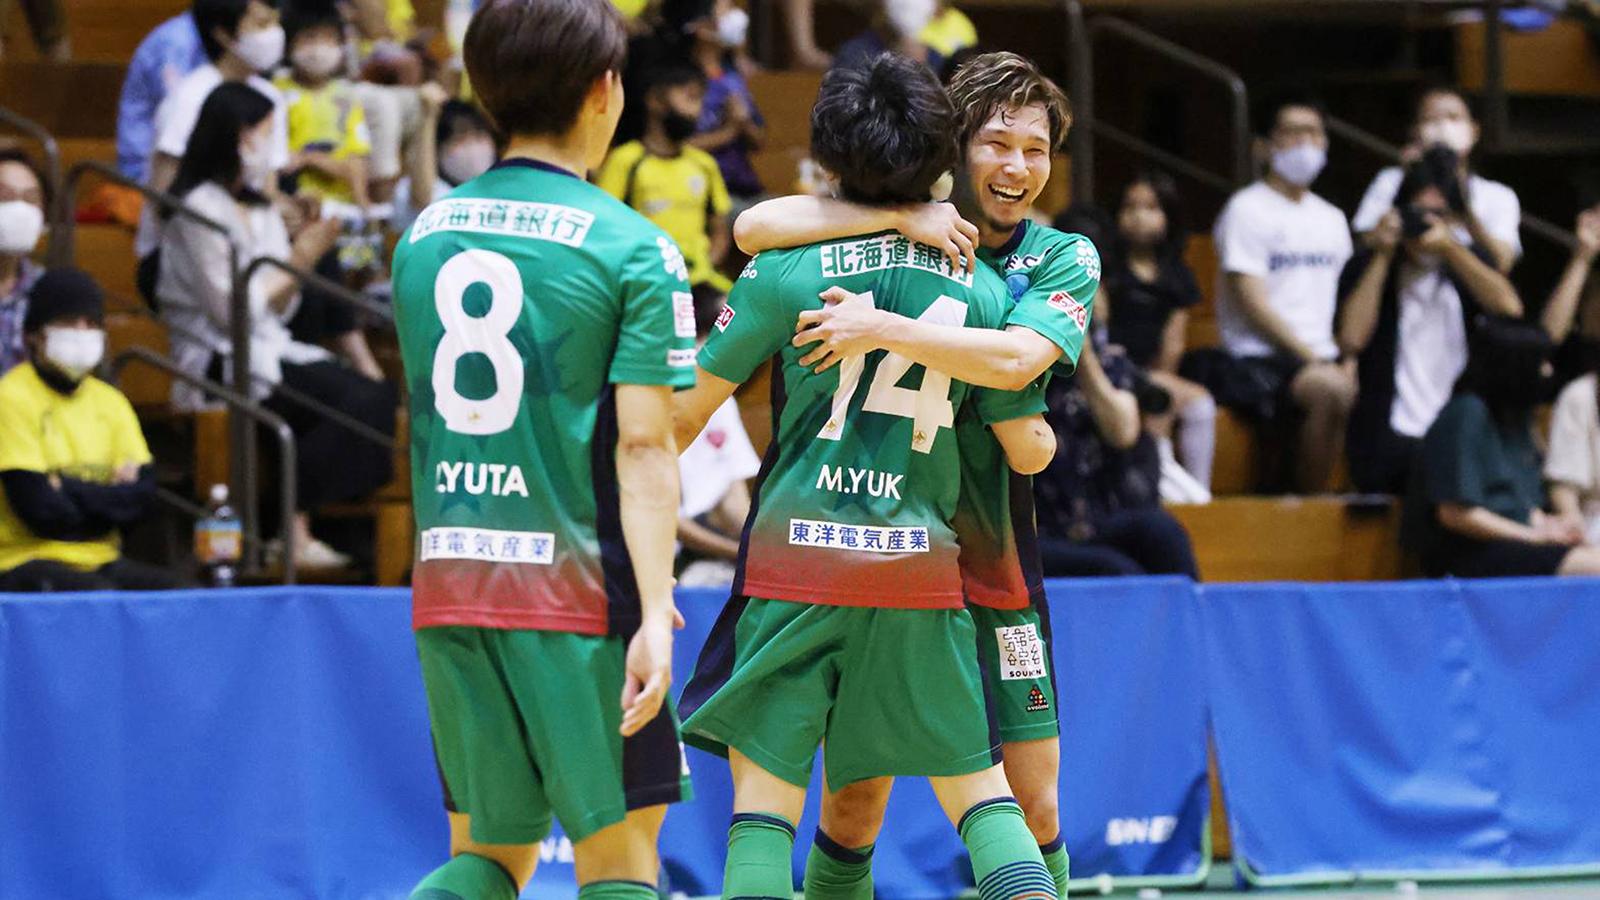 【きょうのスポーツ】Fリーグ第2節、日本代表・室田祐希が北海道に復帰していきなり古巣と対決|フットサル